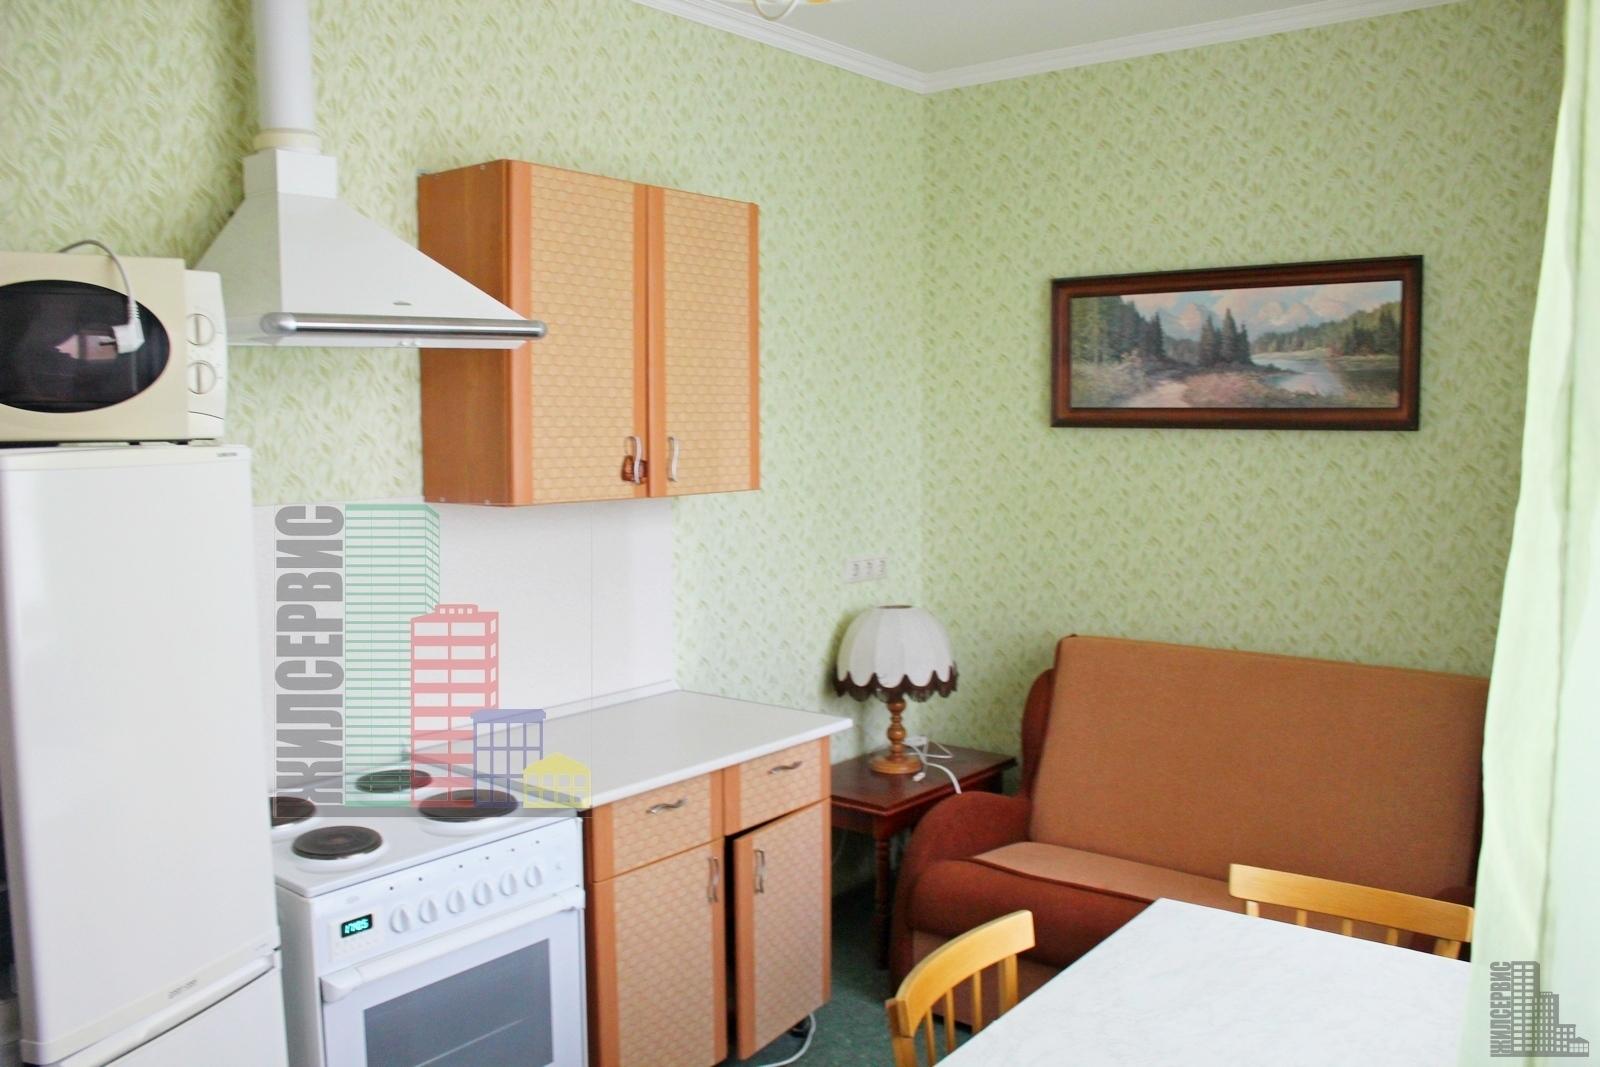 Однокомнатная квартира со свежим евроремонтом - Фото 13